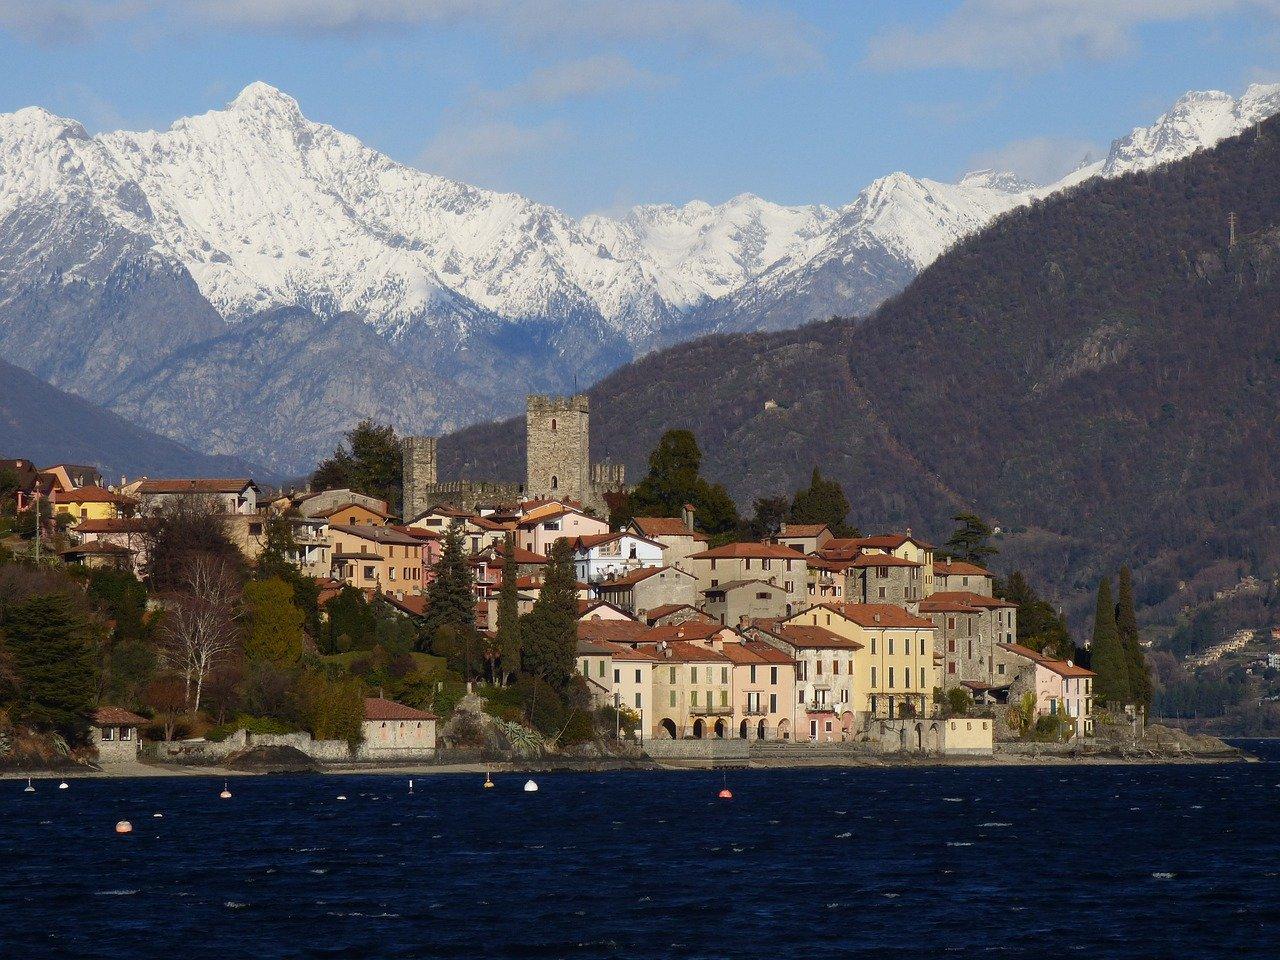 La région de Lombardie, dans le nord de l'Italie, a été confiné une semaine à cause d'un mauvais calcul. - Crédits : Creative Commons